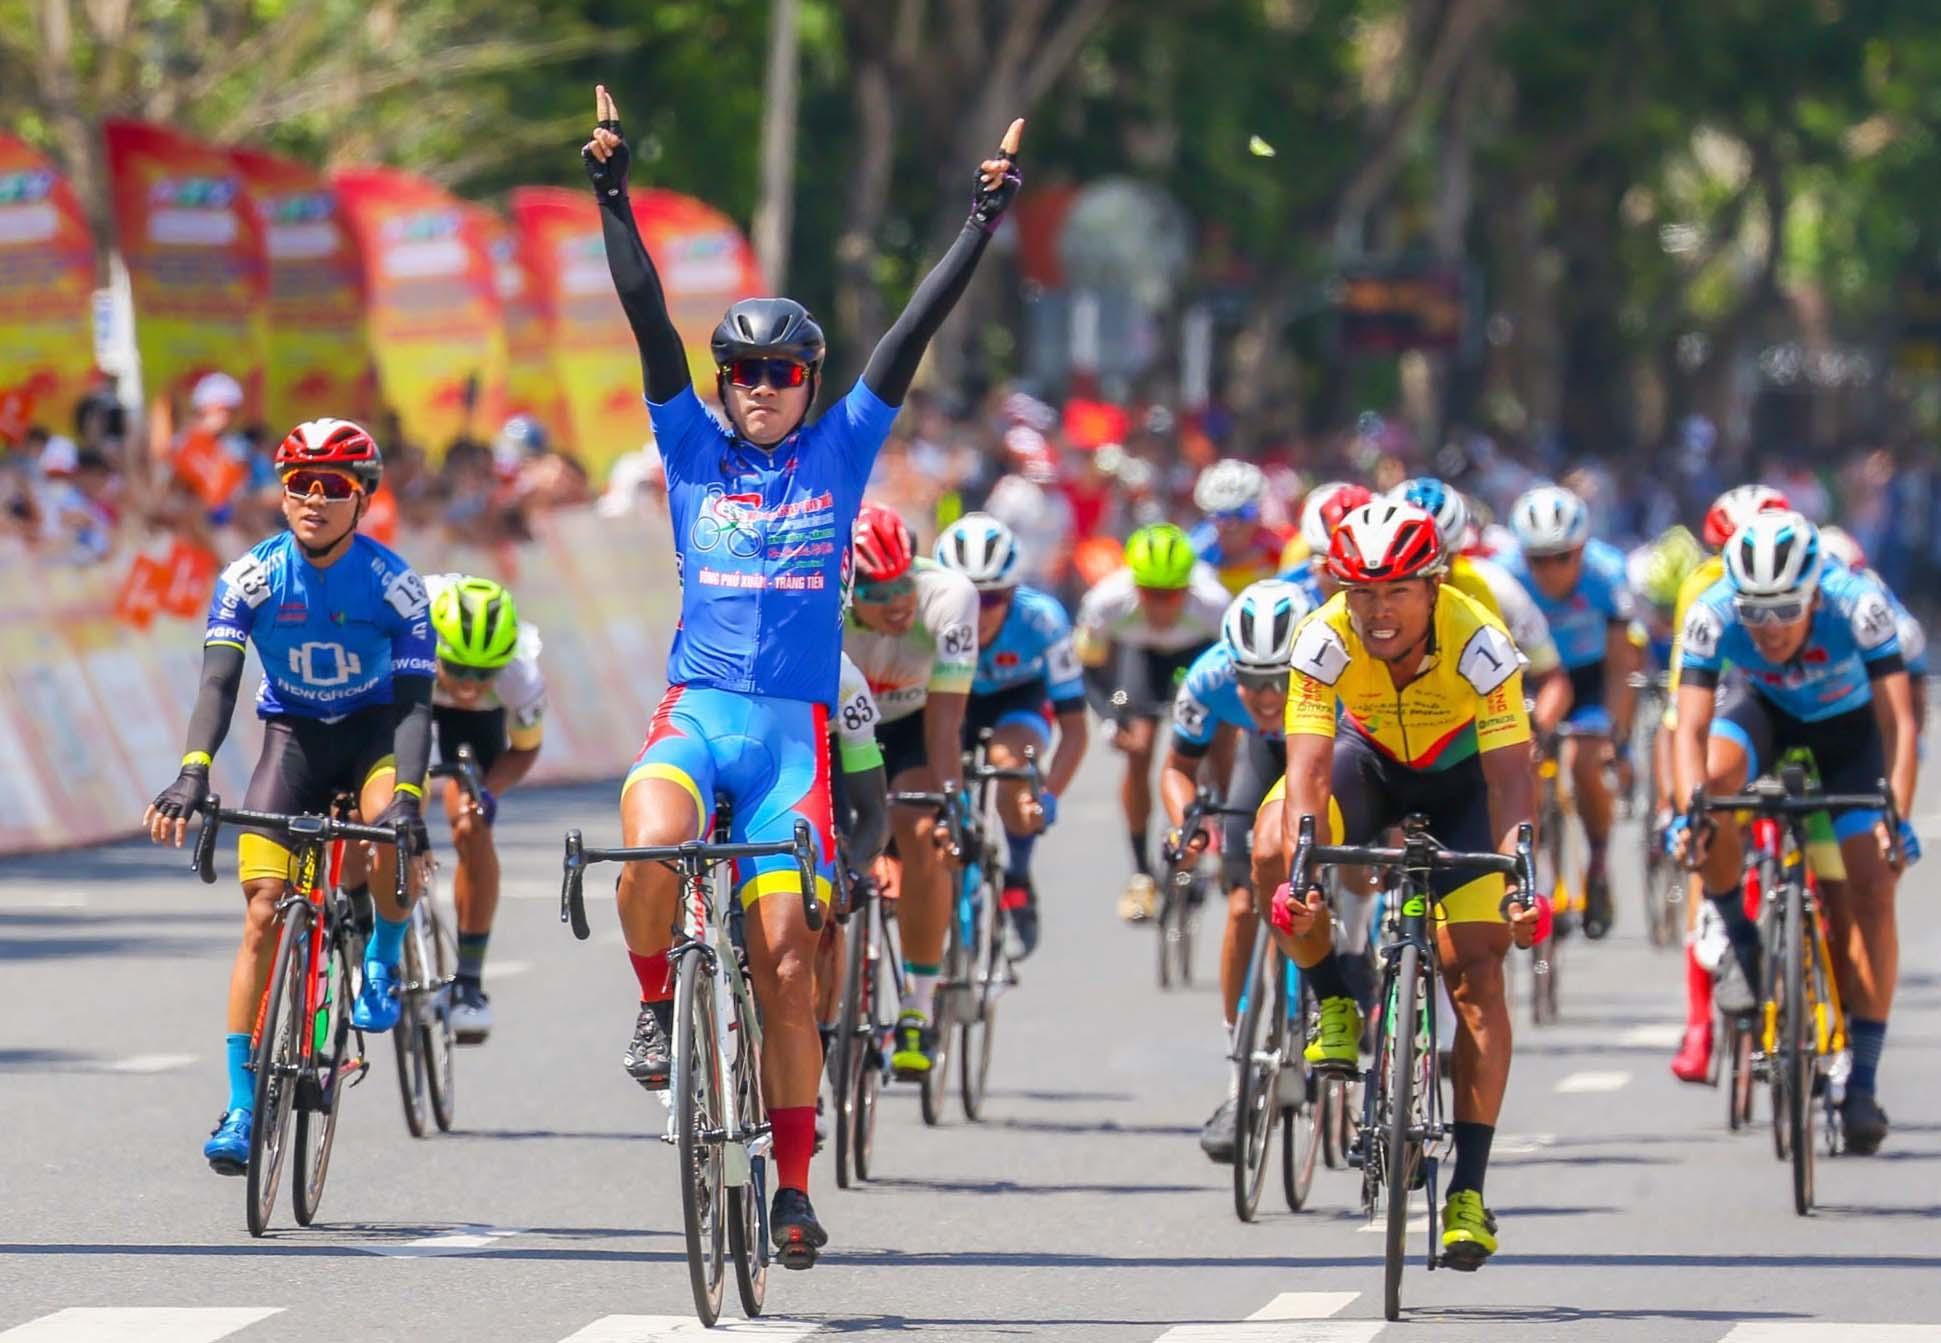 Giành chiến thắng ở chặng 12, Tấn Hoài củng cố vững chắc danh hiệu Áo Xanh. Ảnh: Huỳnh Thuận.